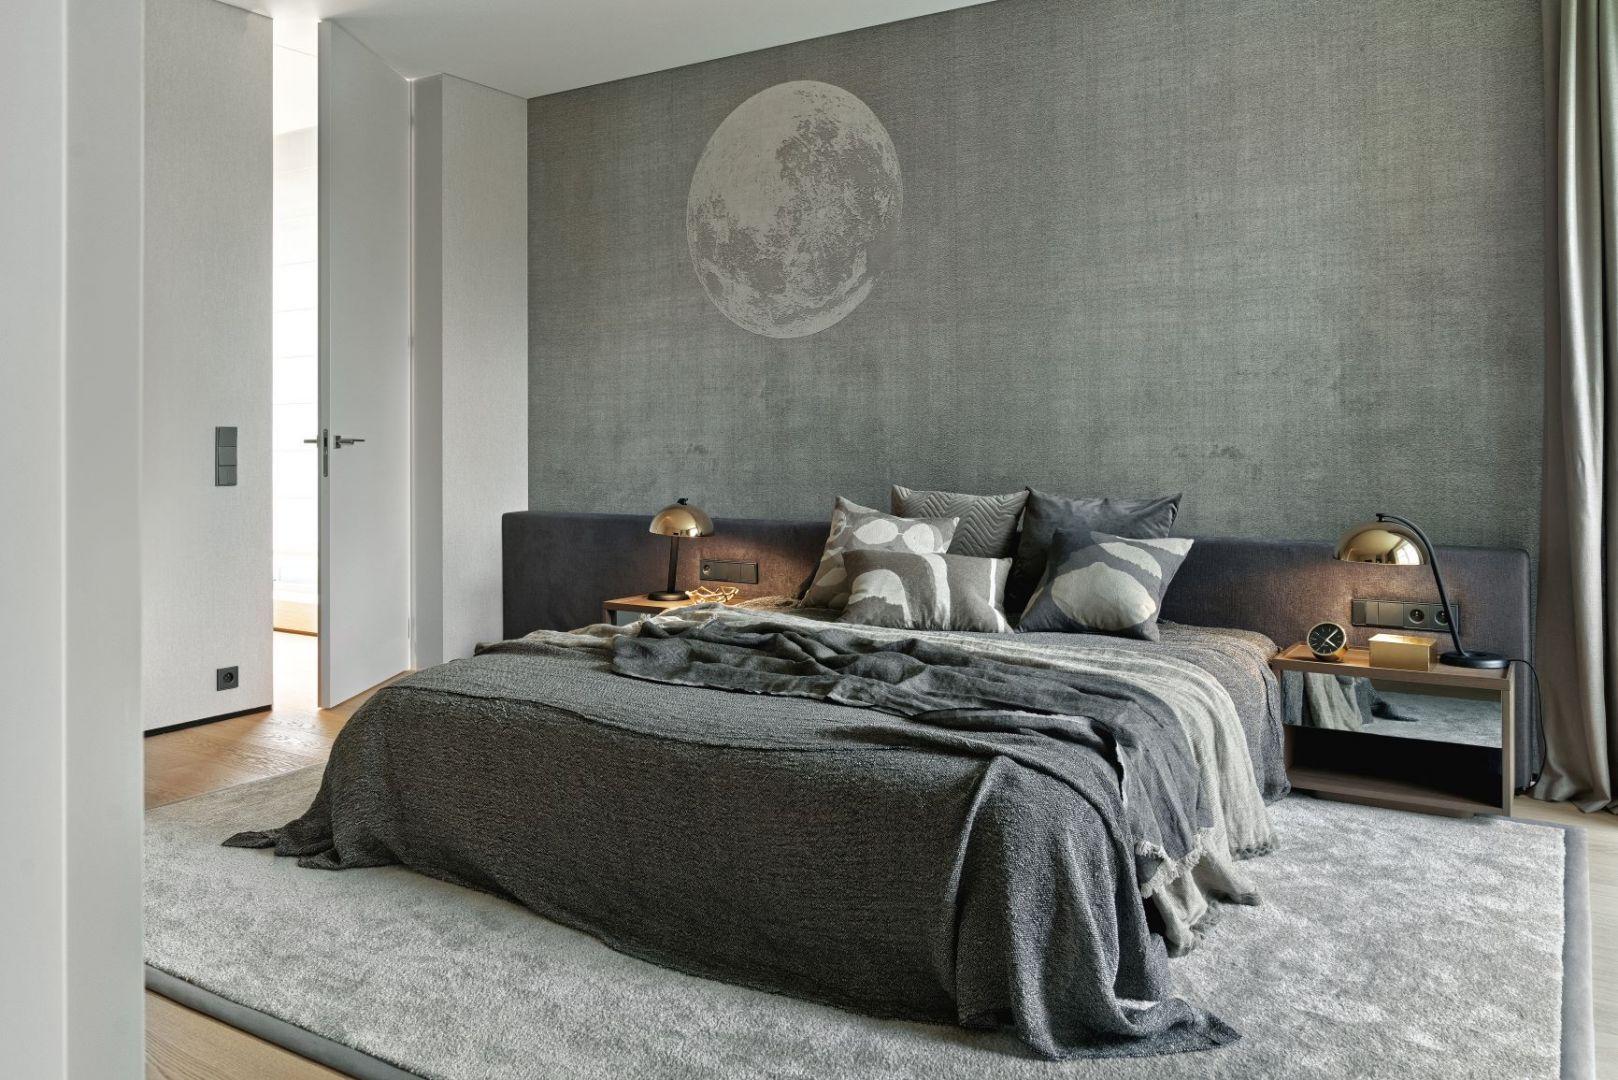 Ściana za łóżkiem w sypialni wykończona jest szarą tapetą. Projekt: Katarzyna Kraszewska Architektura Wnętrz. Fot. Tom Kurek